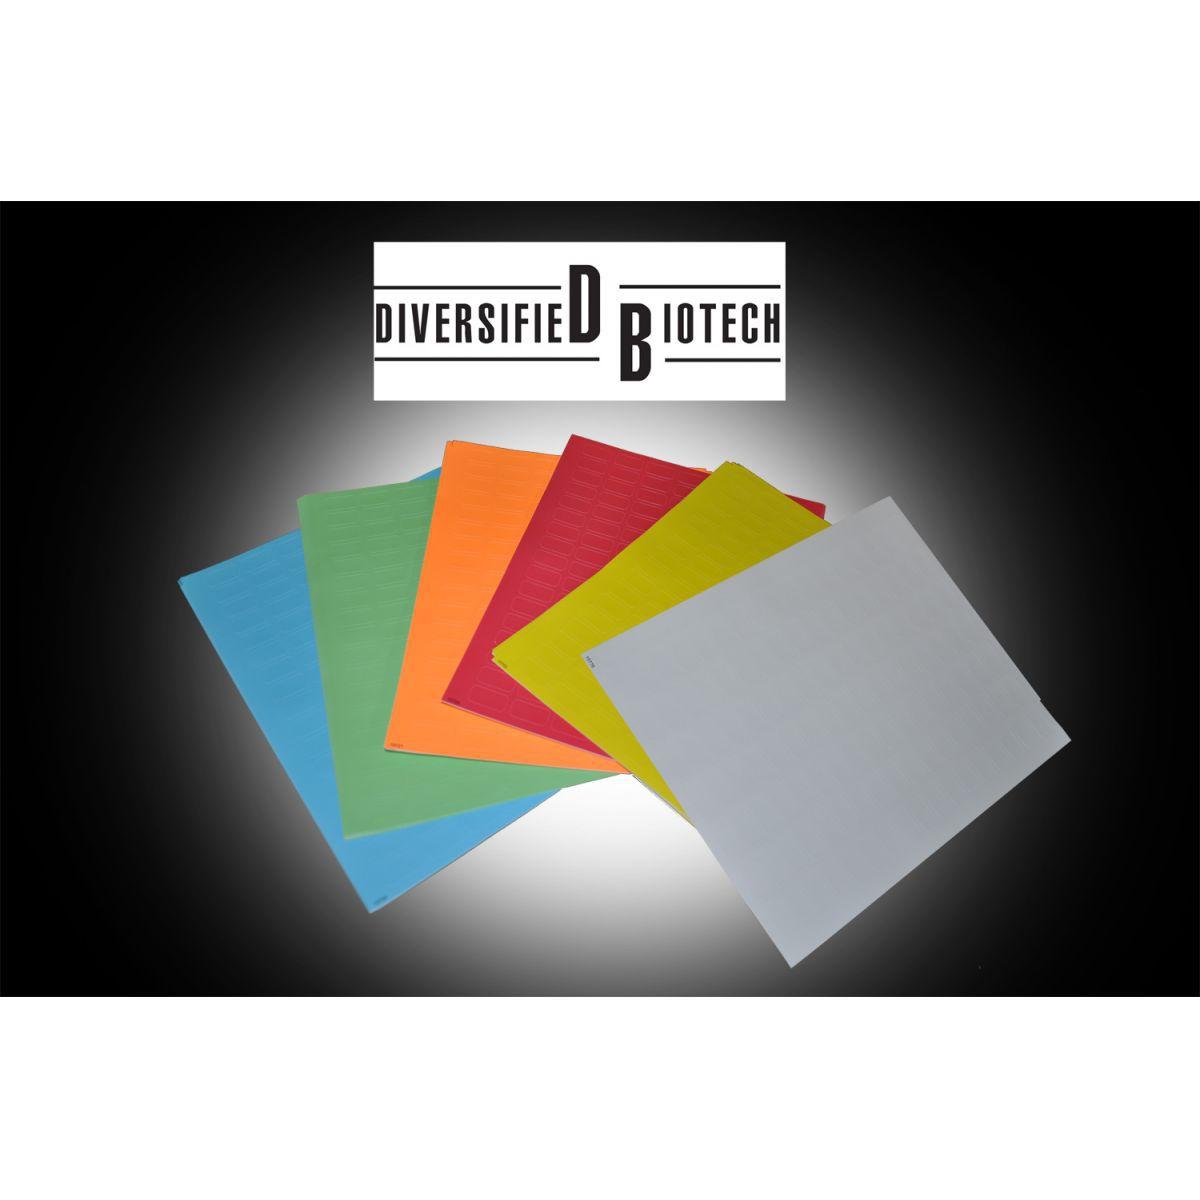 Etiquetas Diversas para Identificação de Caixas / Racks de Armazenamento, Microplacas, Microtubos, Laminas de microscopia e Tubos Criogênicos.